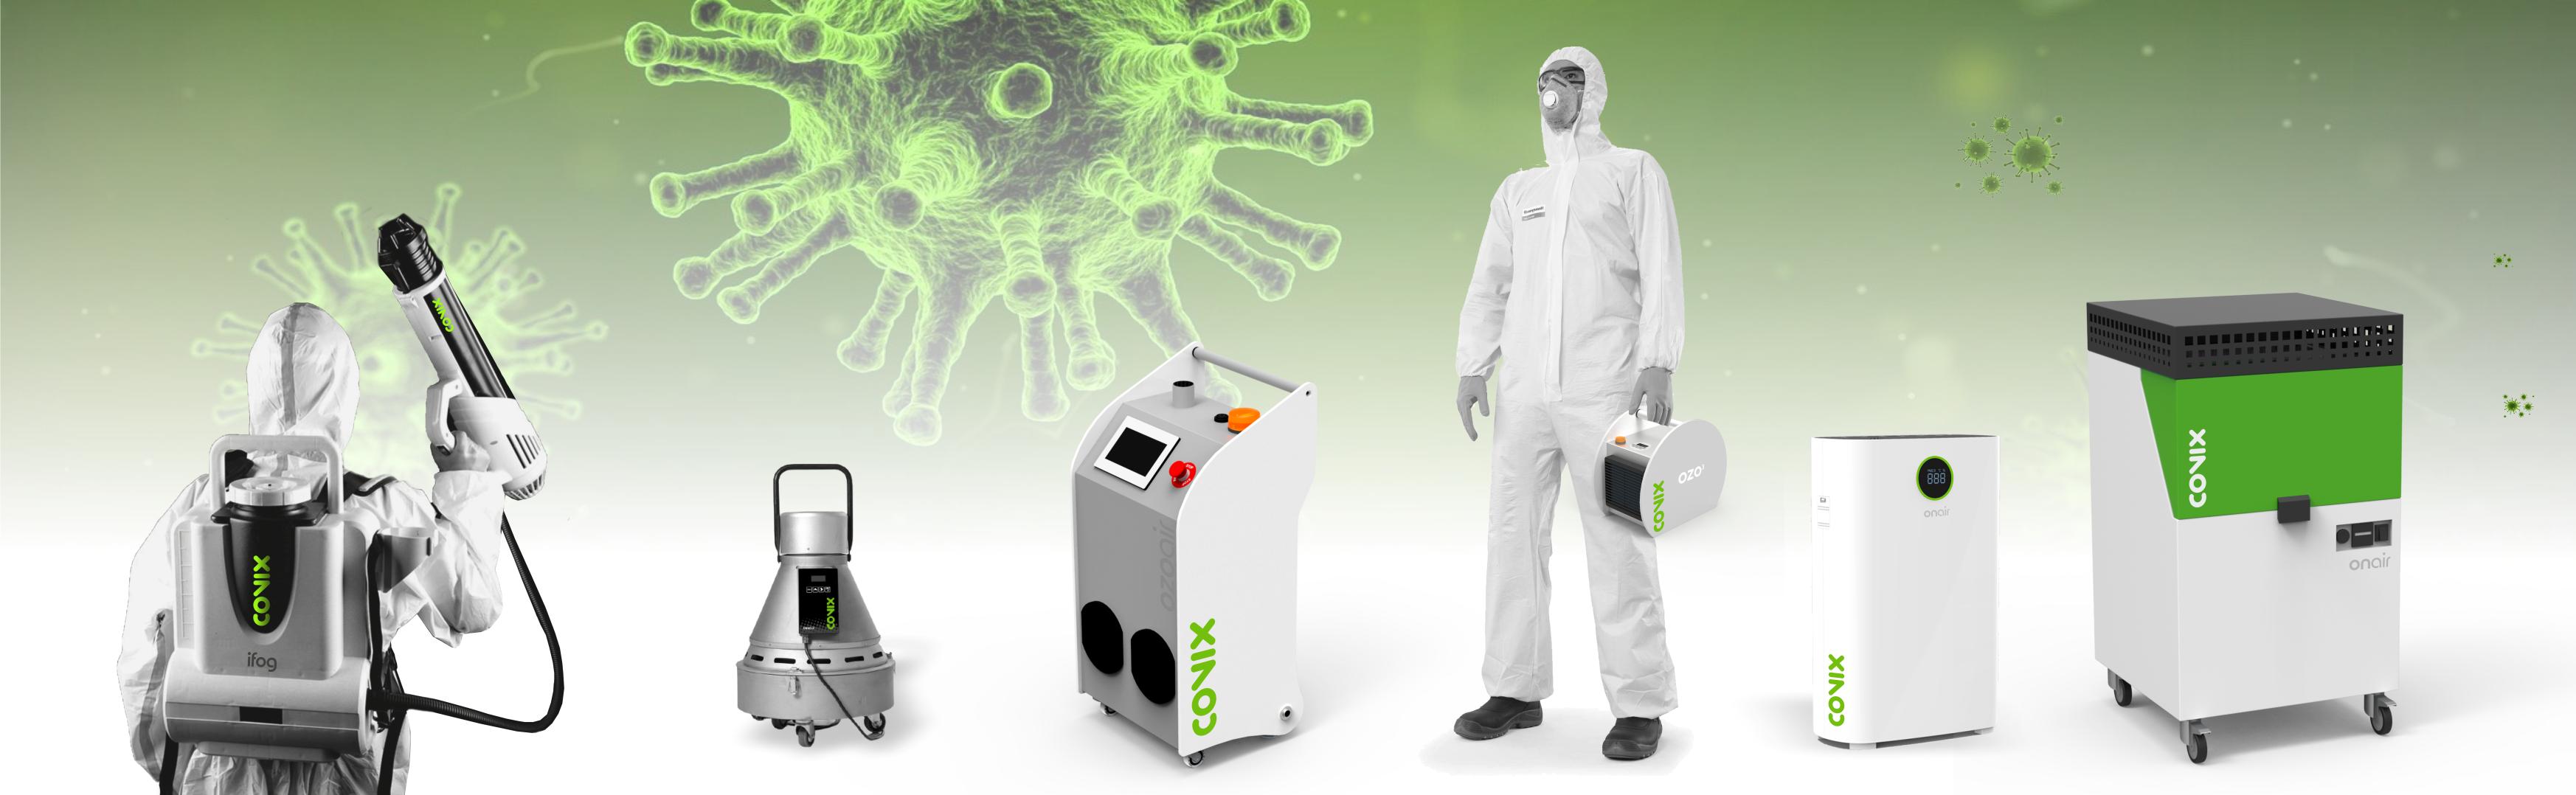 equipamento de desinfecção de vírus